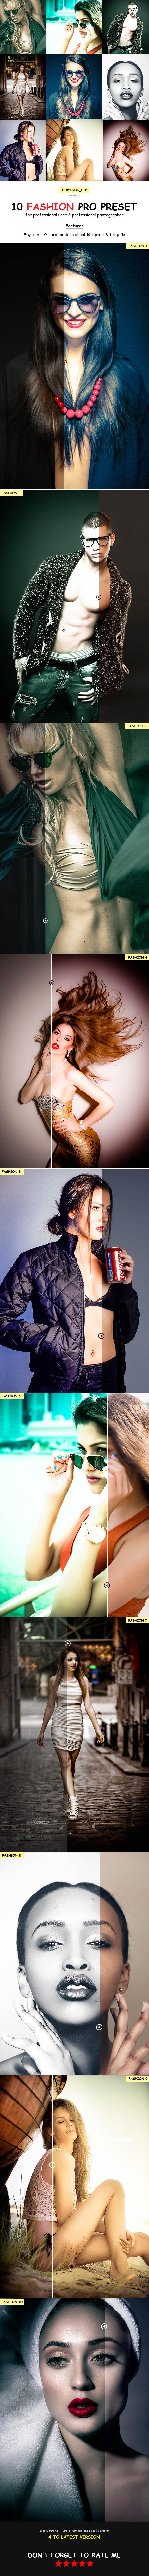 10 Fashion Pro Lightroom Preset - Portrait Lightroom Presets